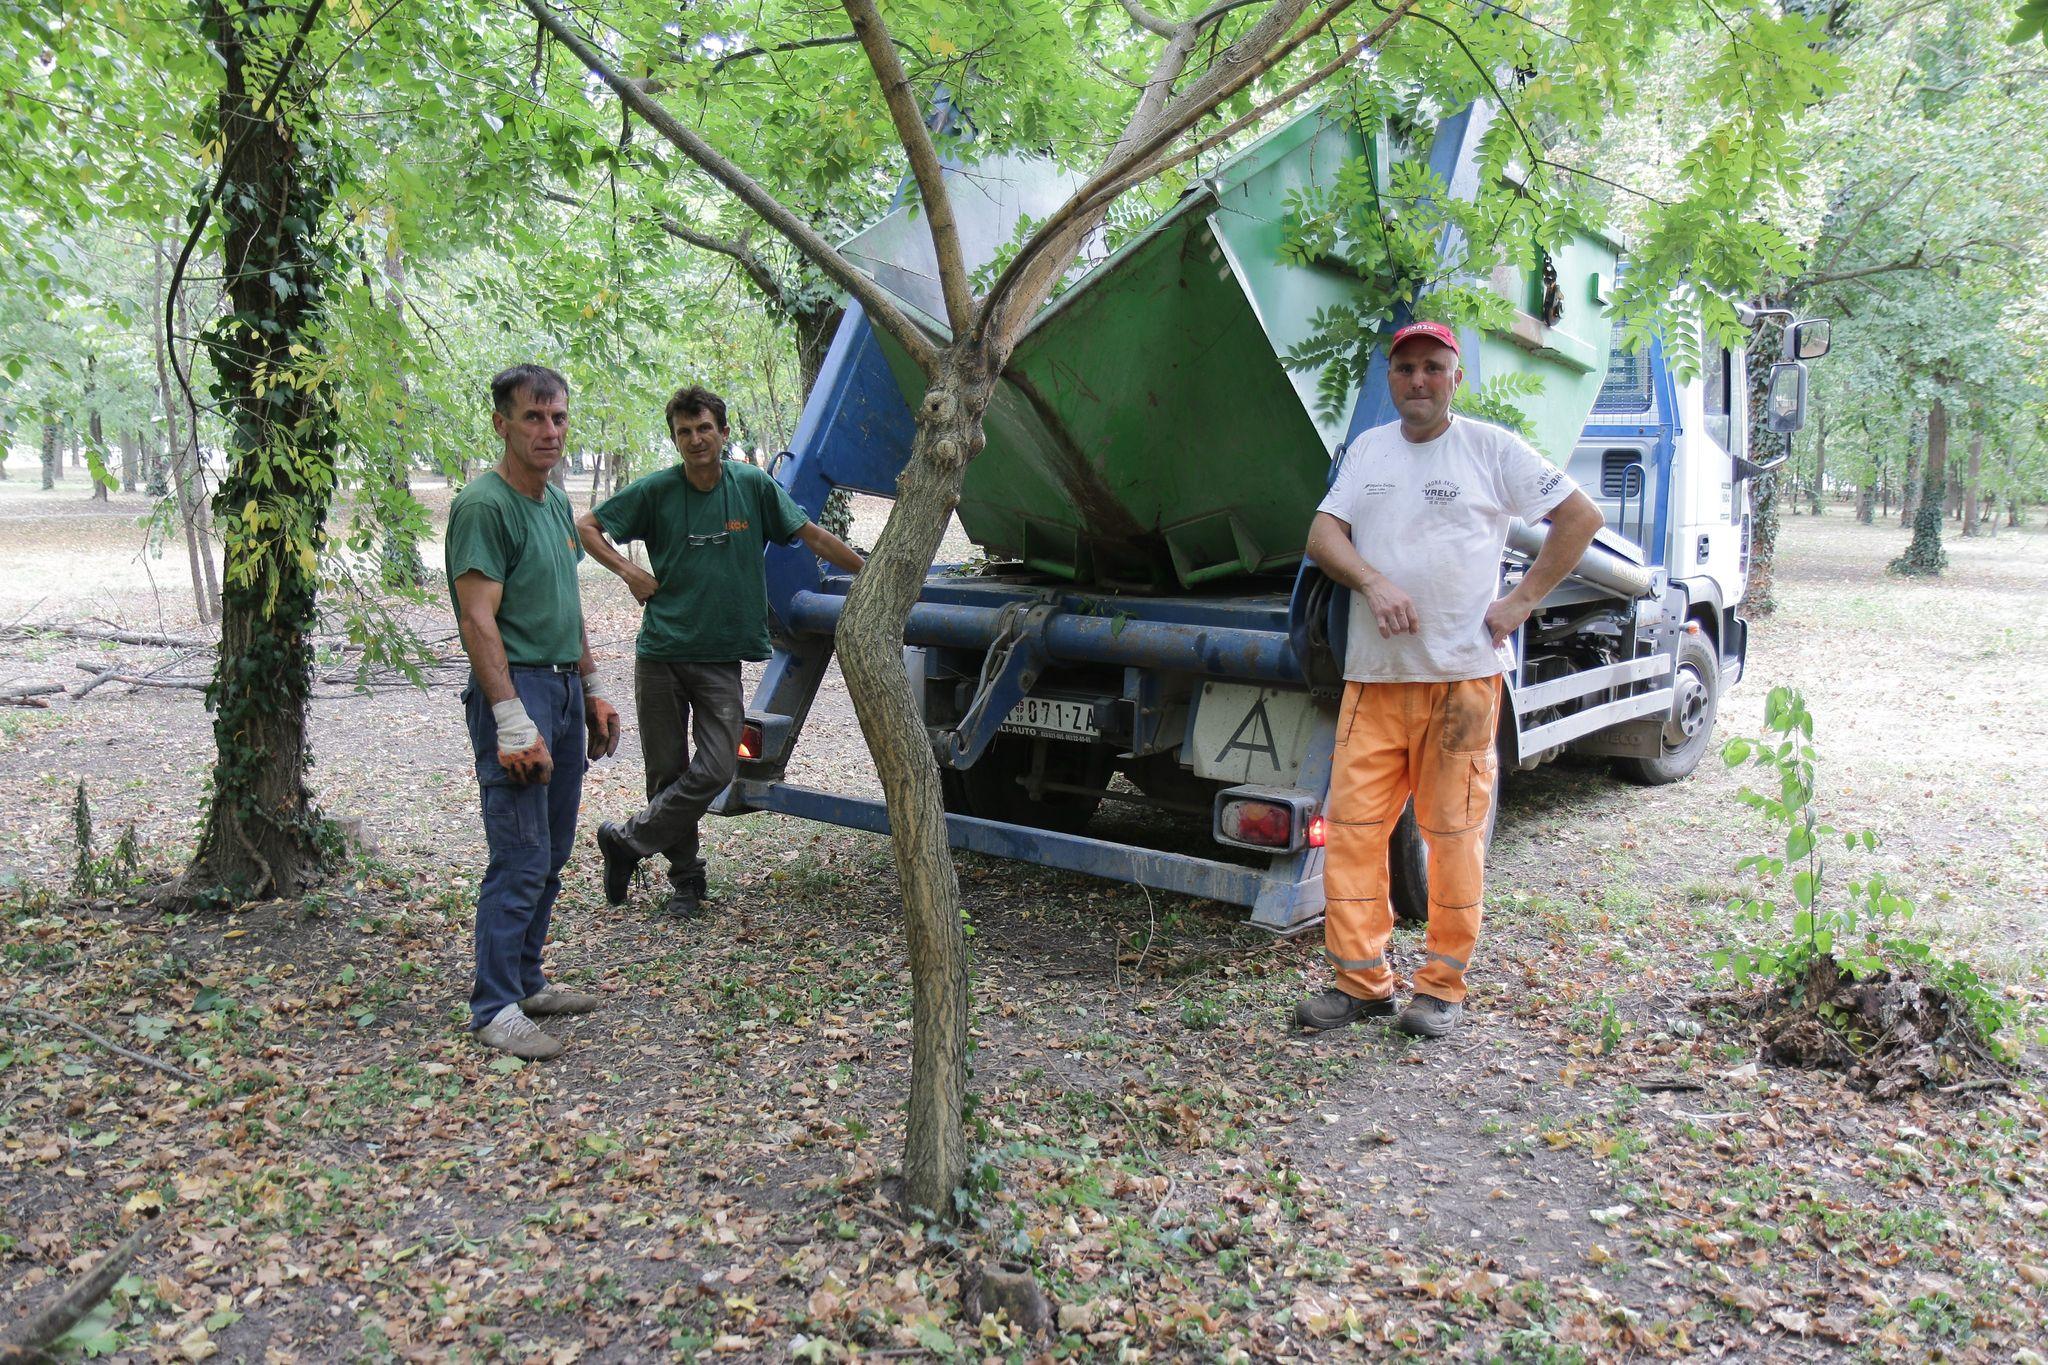 Redovno orezivanje suvih grana u opštini Žitište (FOTO)